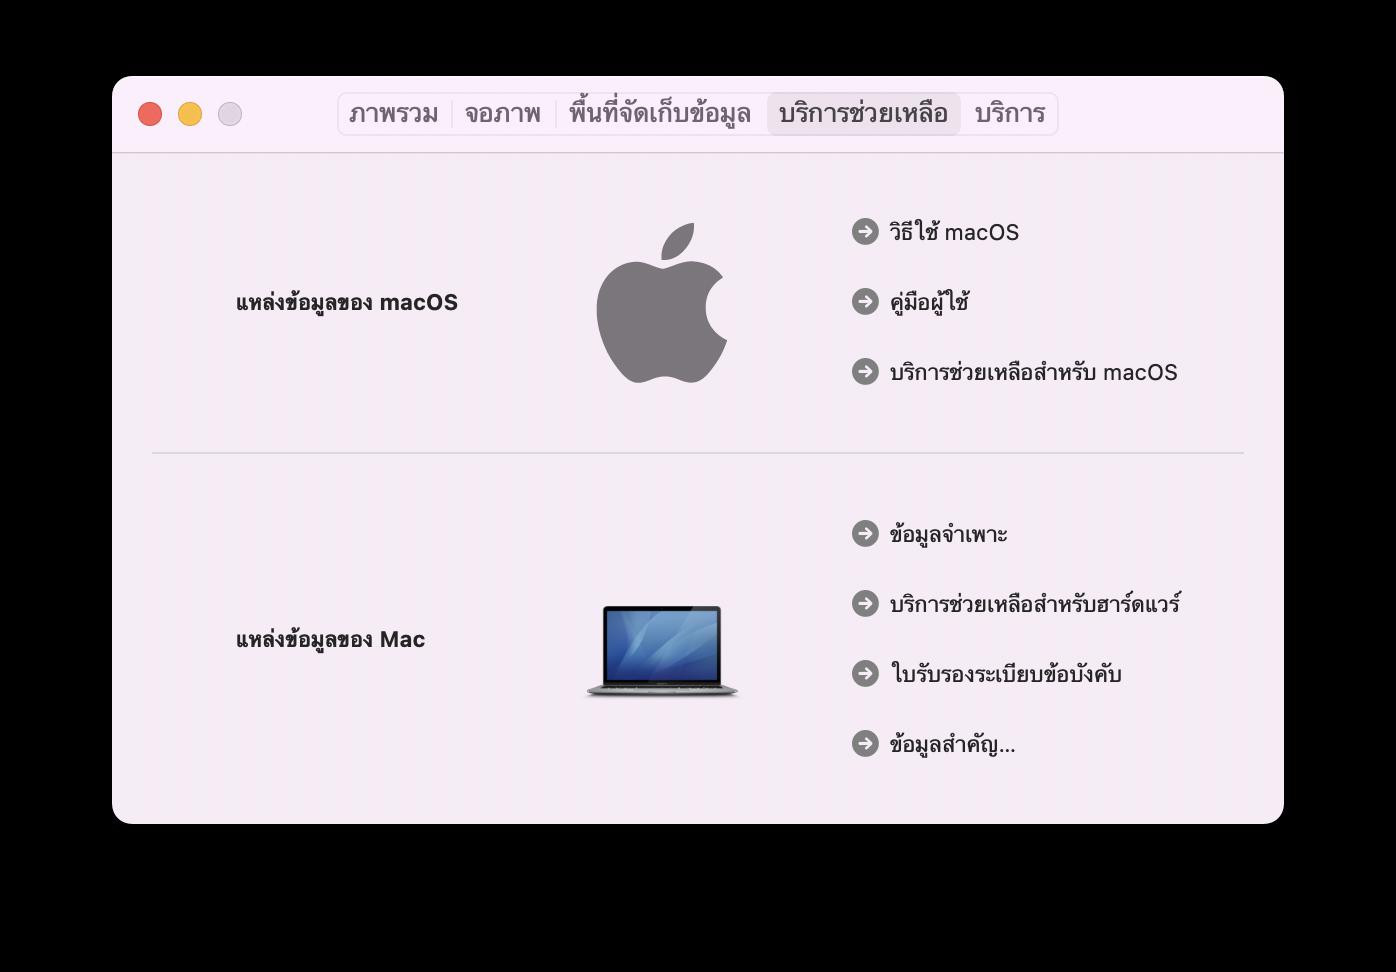 """บริการช่วยเหลือ"""" ที่จะนำผู้ใช้งานระบบ macOS"""